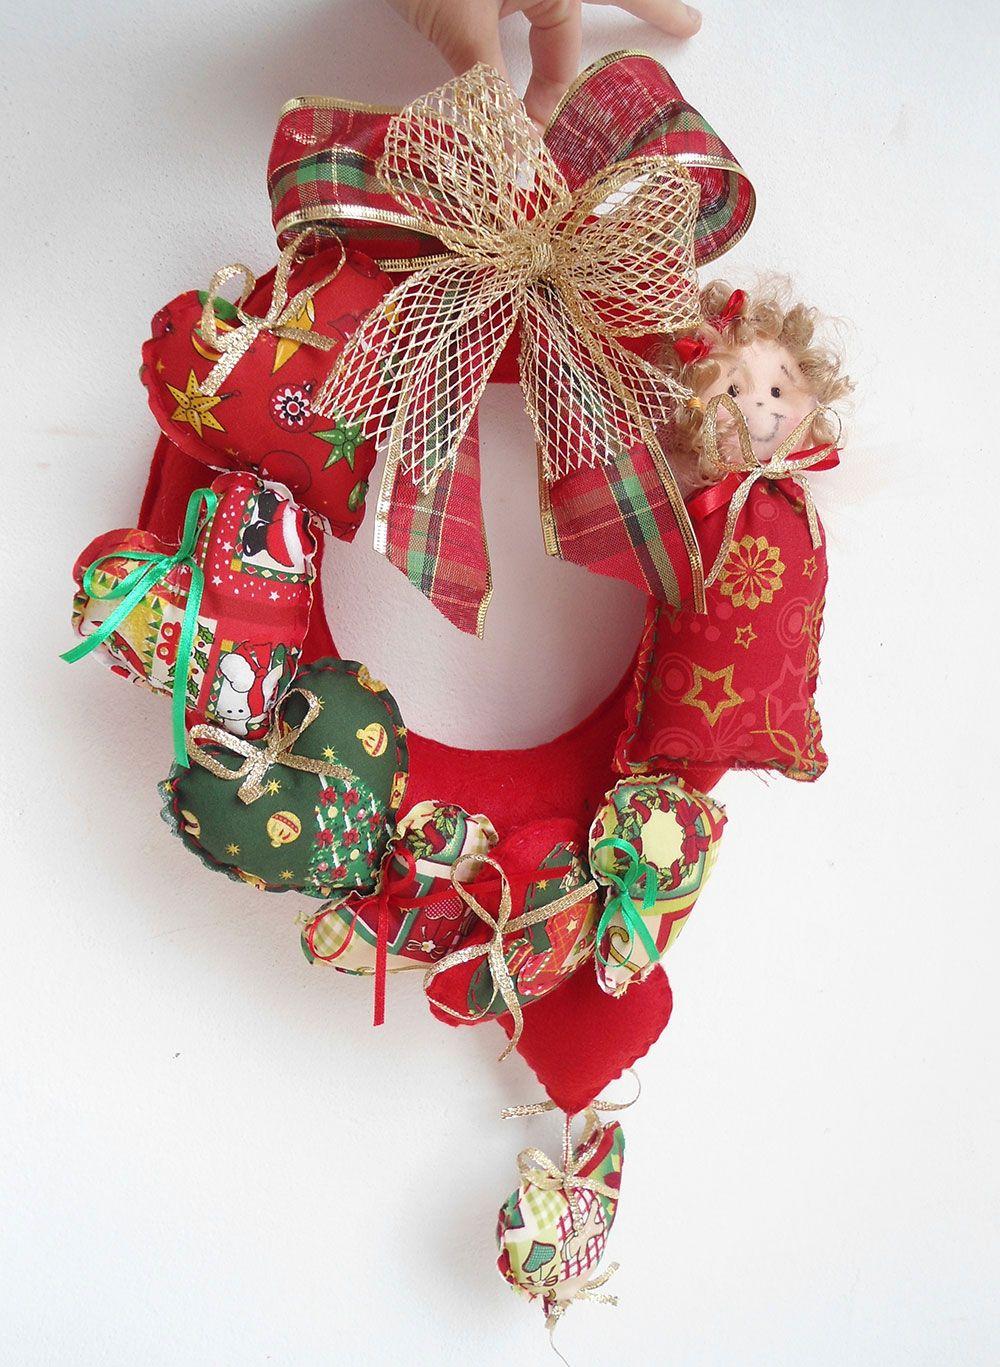 Um modelo com muito estilo: corações e laços com diferentes tecidos